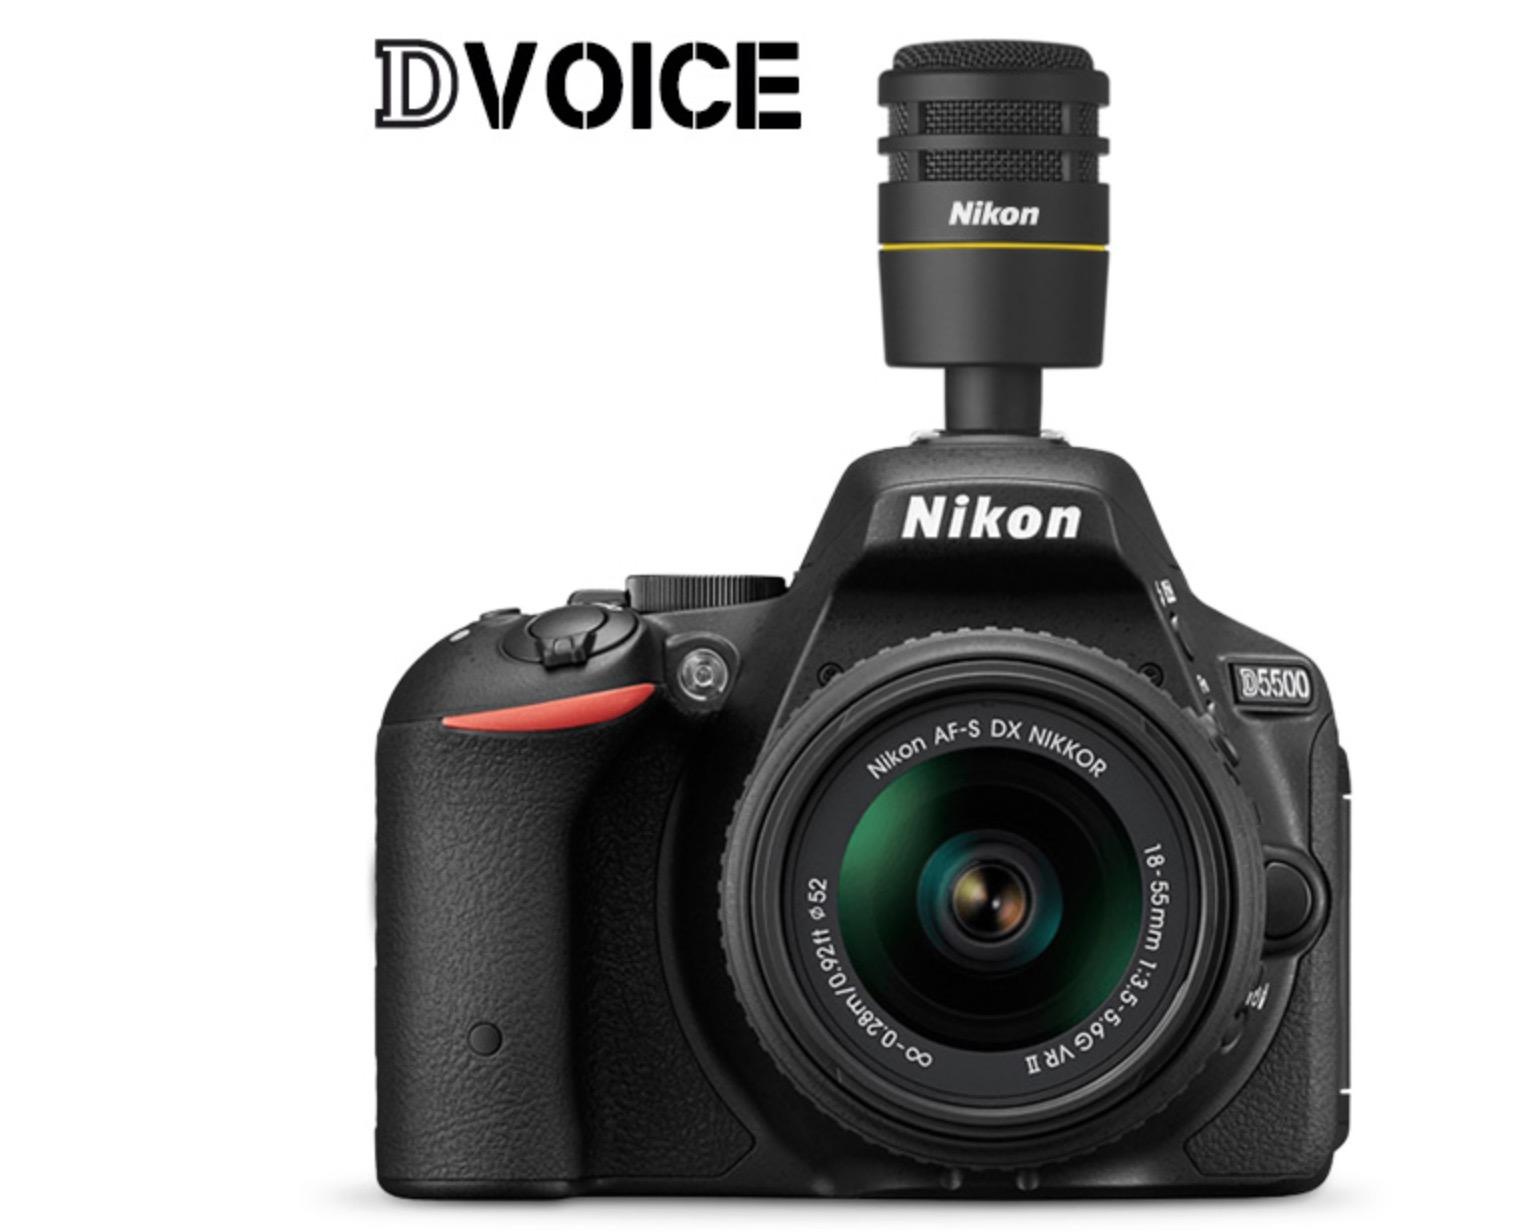 Nikon DVOICE